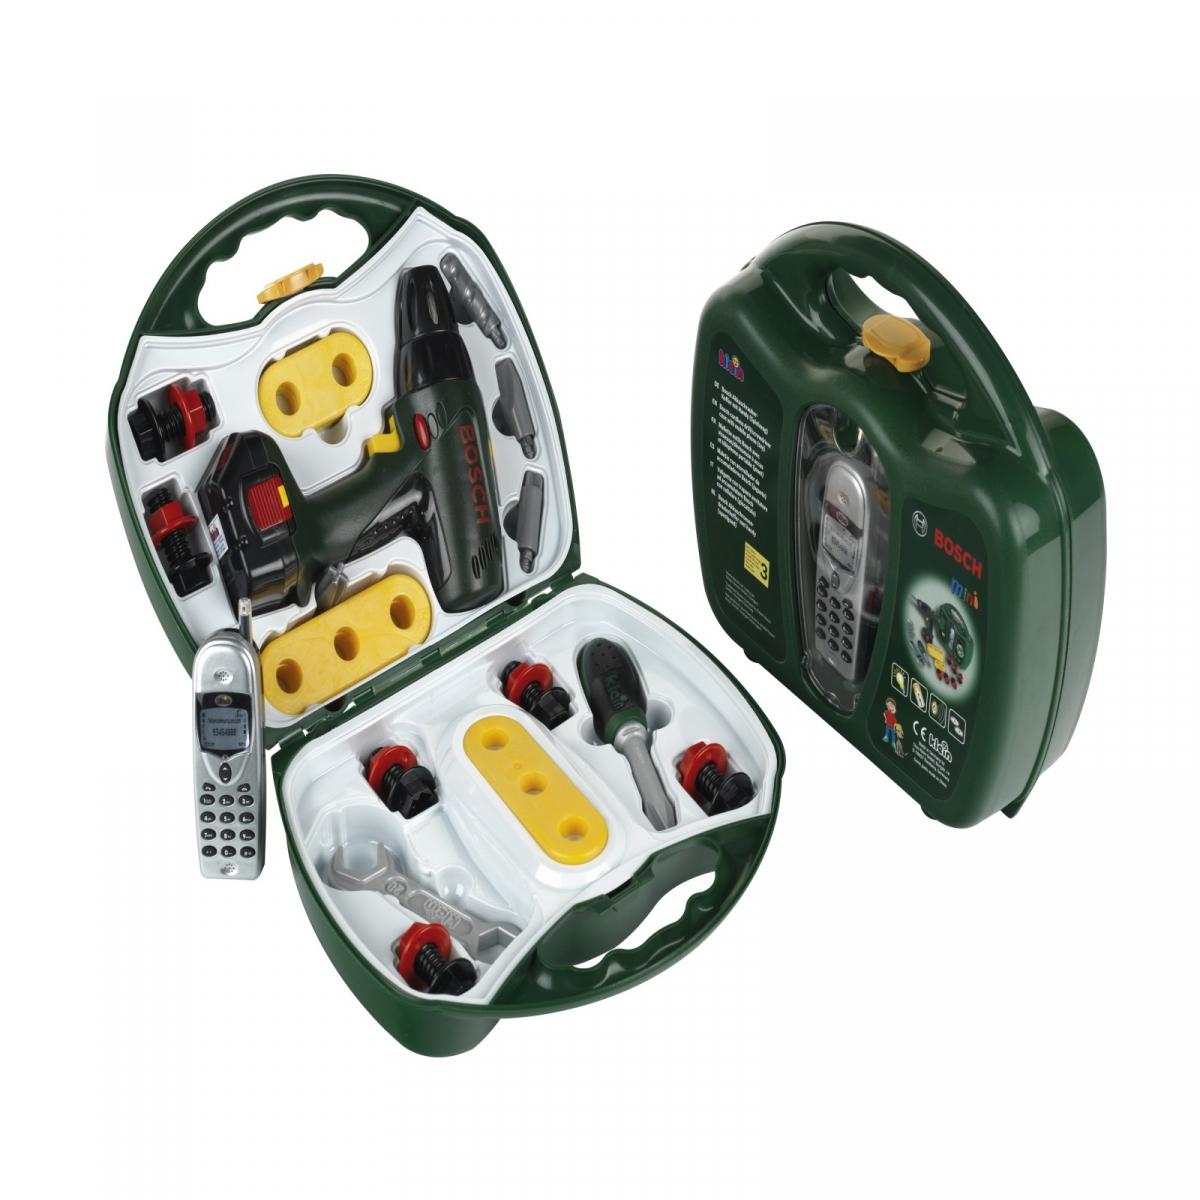 mukk® spielwaren münster - klein, theo - bosch akkuschrauber koffer